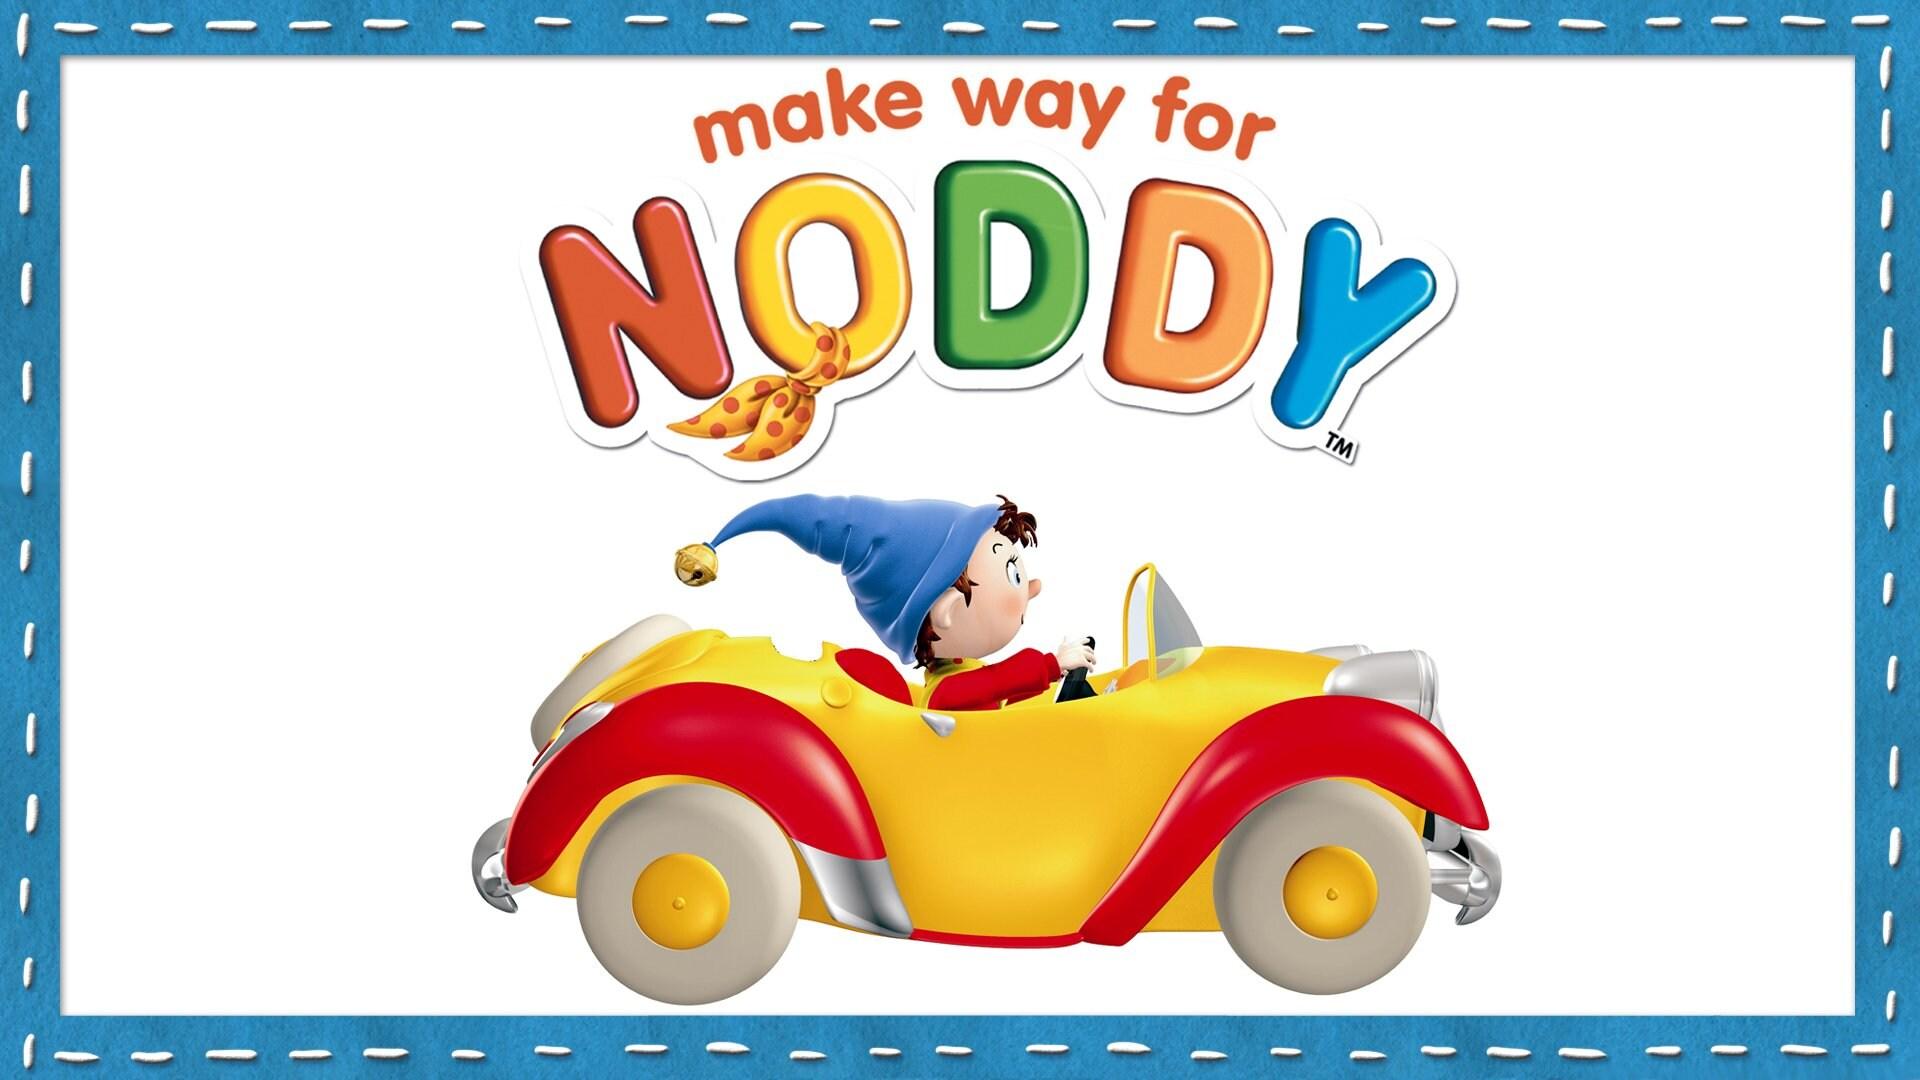 Noddy Best Driver in the World